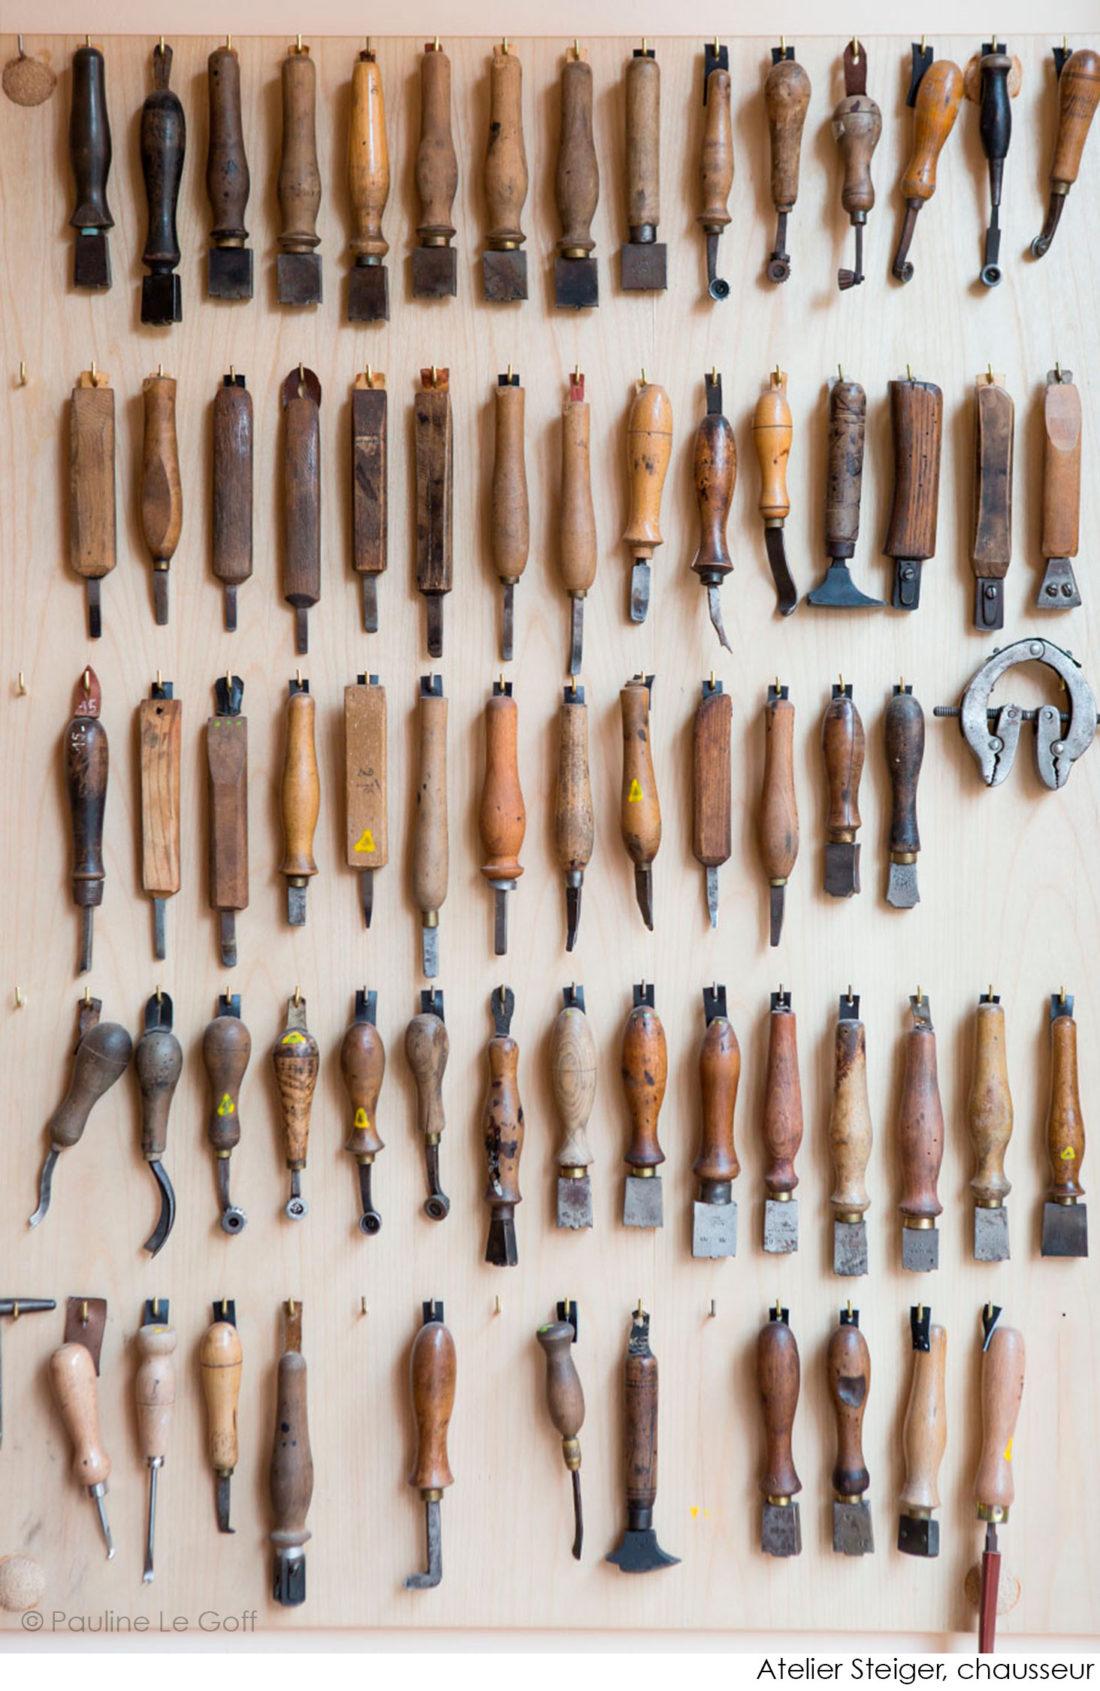 Atelier Steiger © Pauline Le Goff